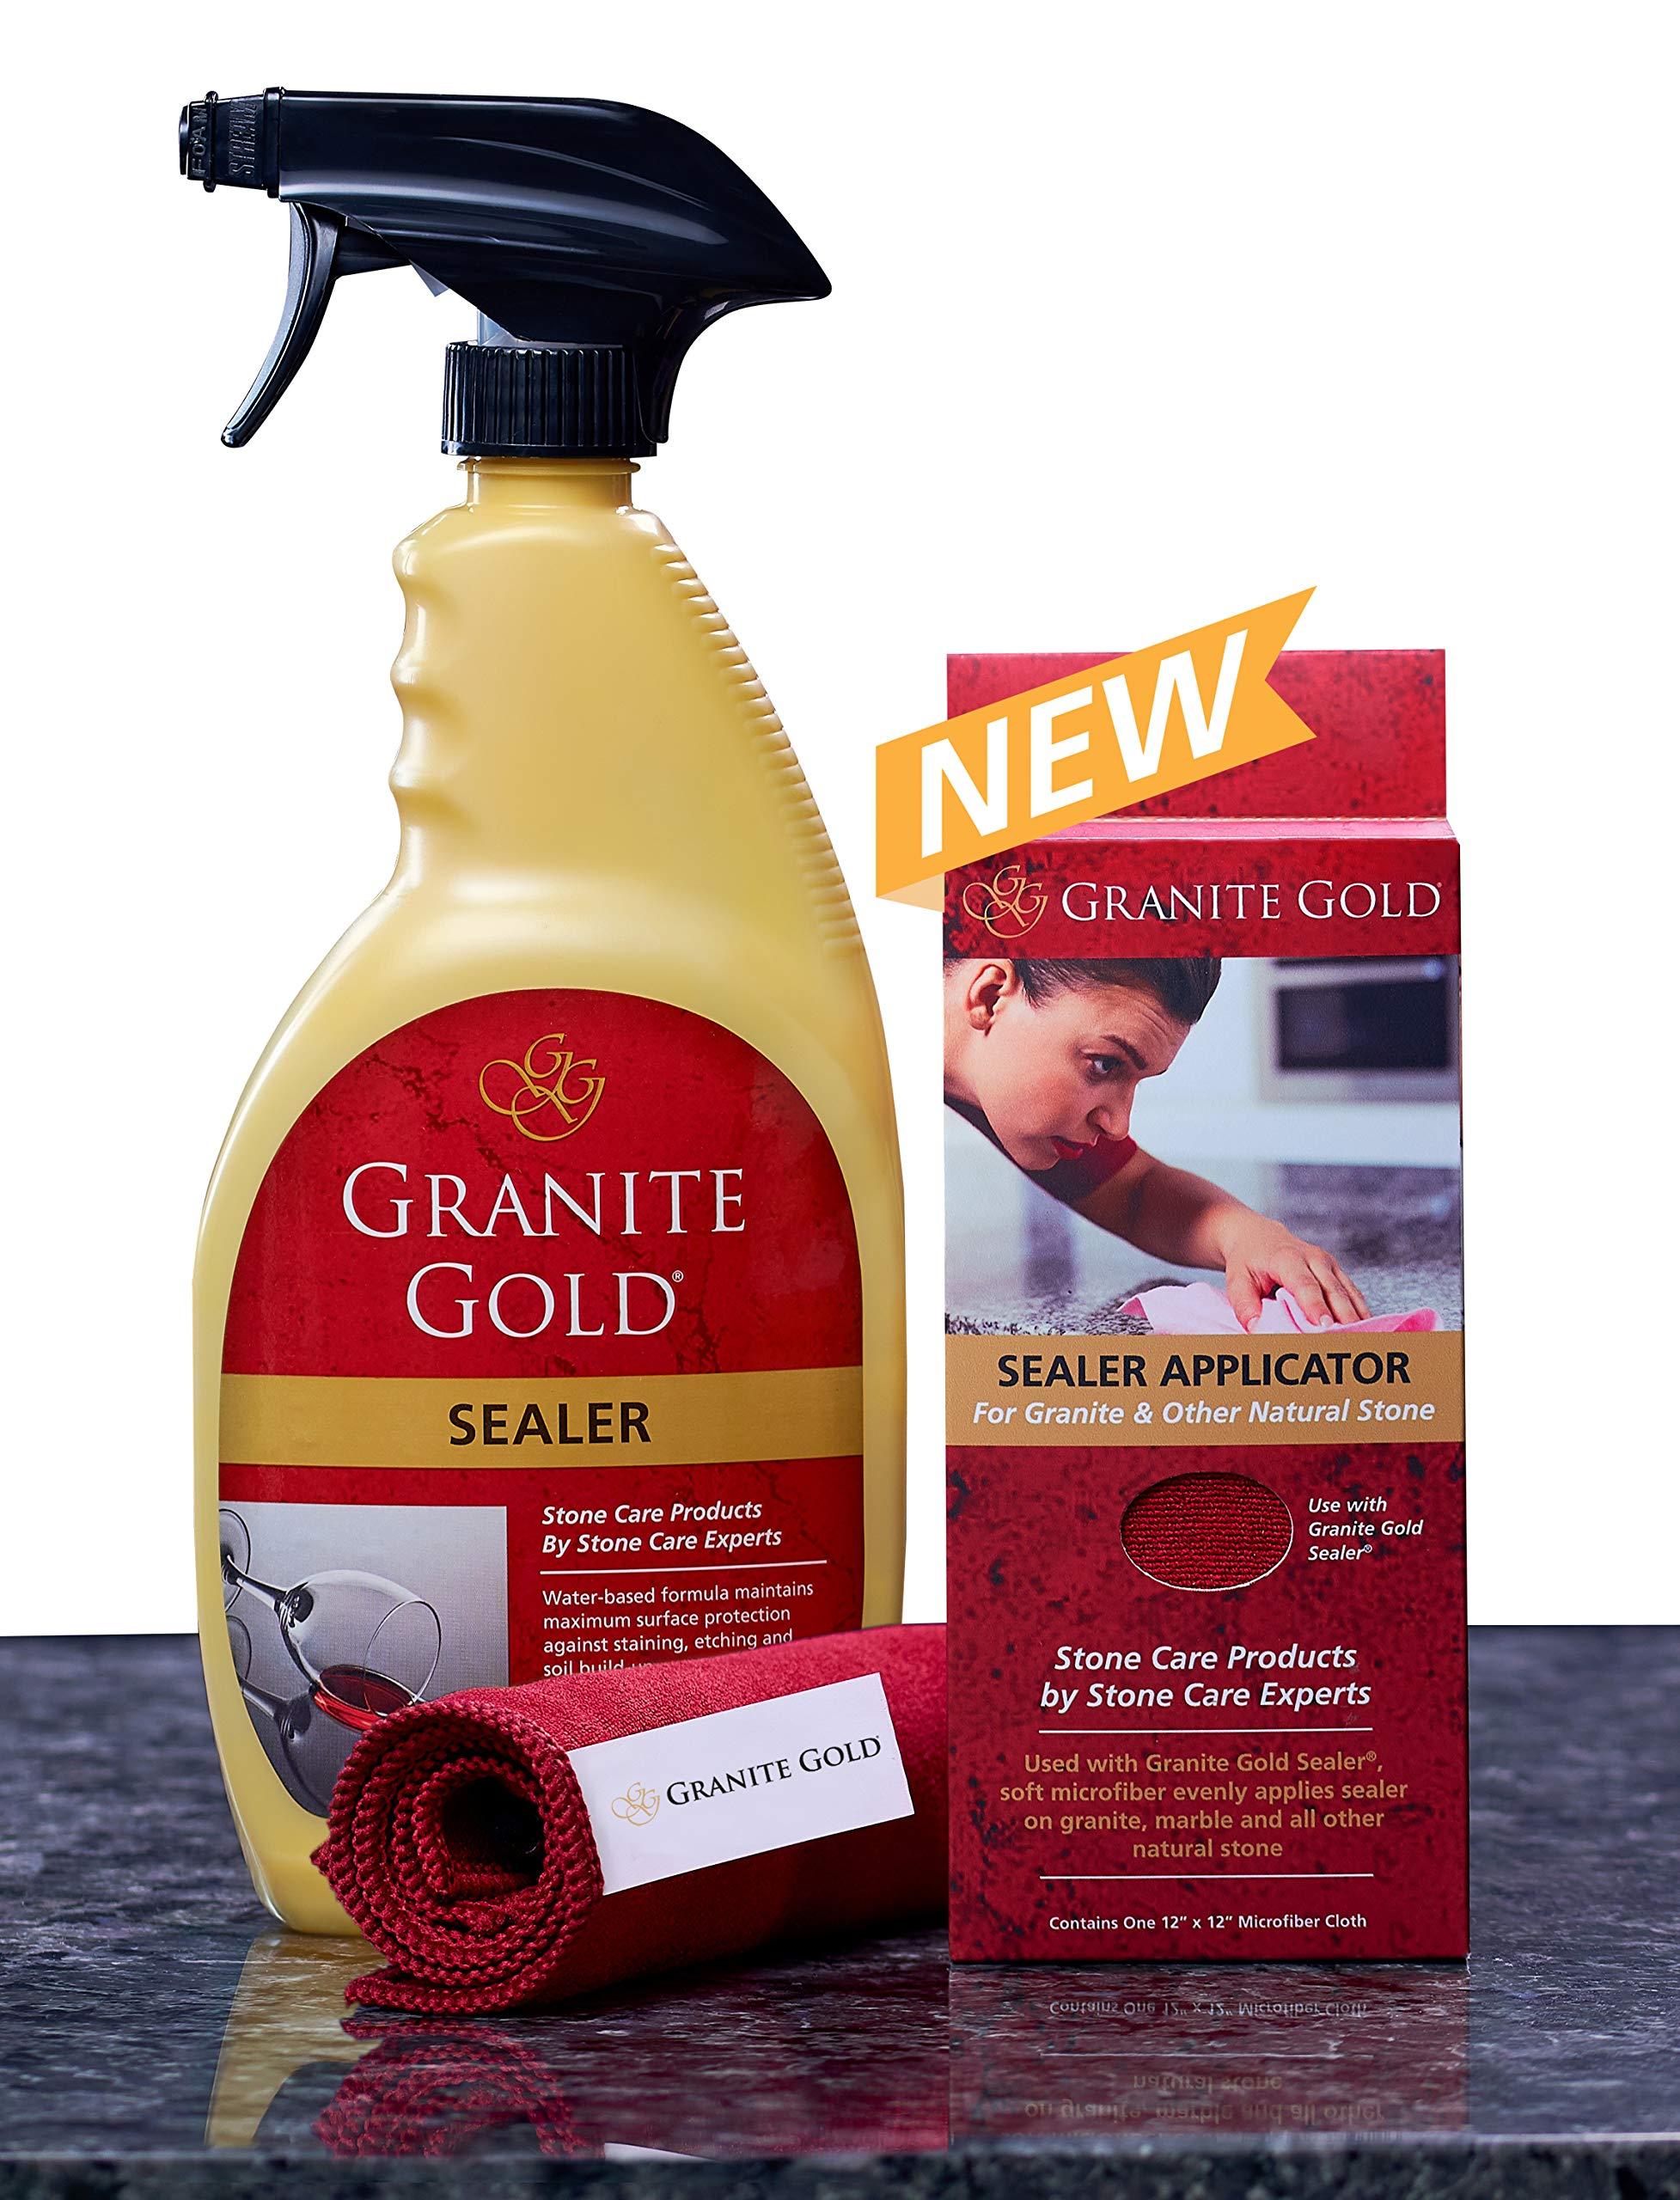 Granite Gold GG0092 Sealer Applicator